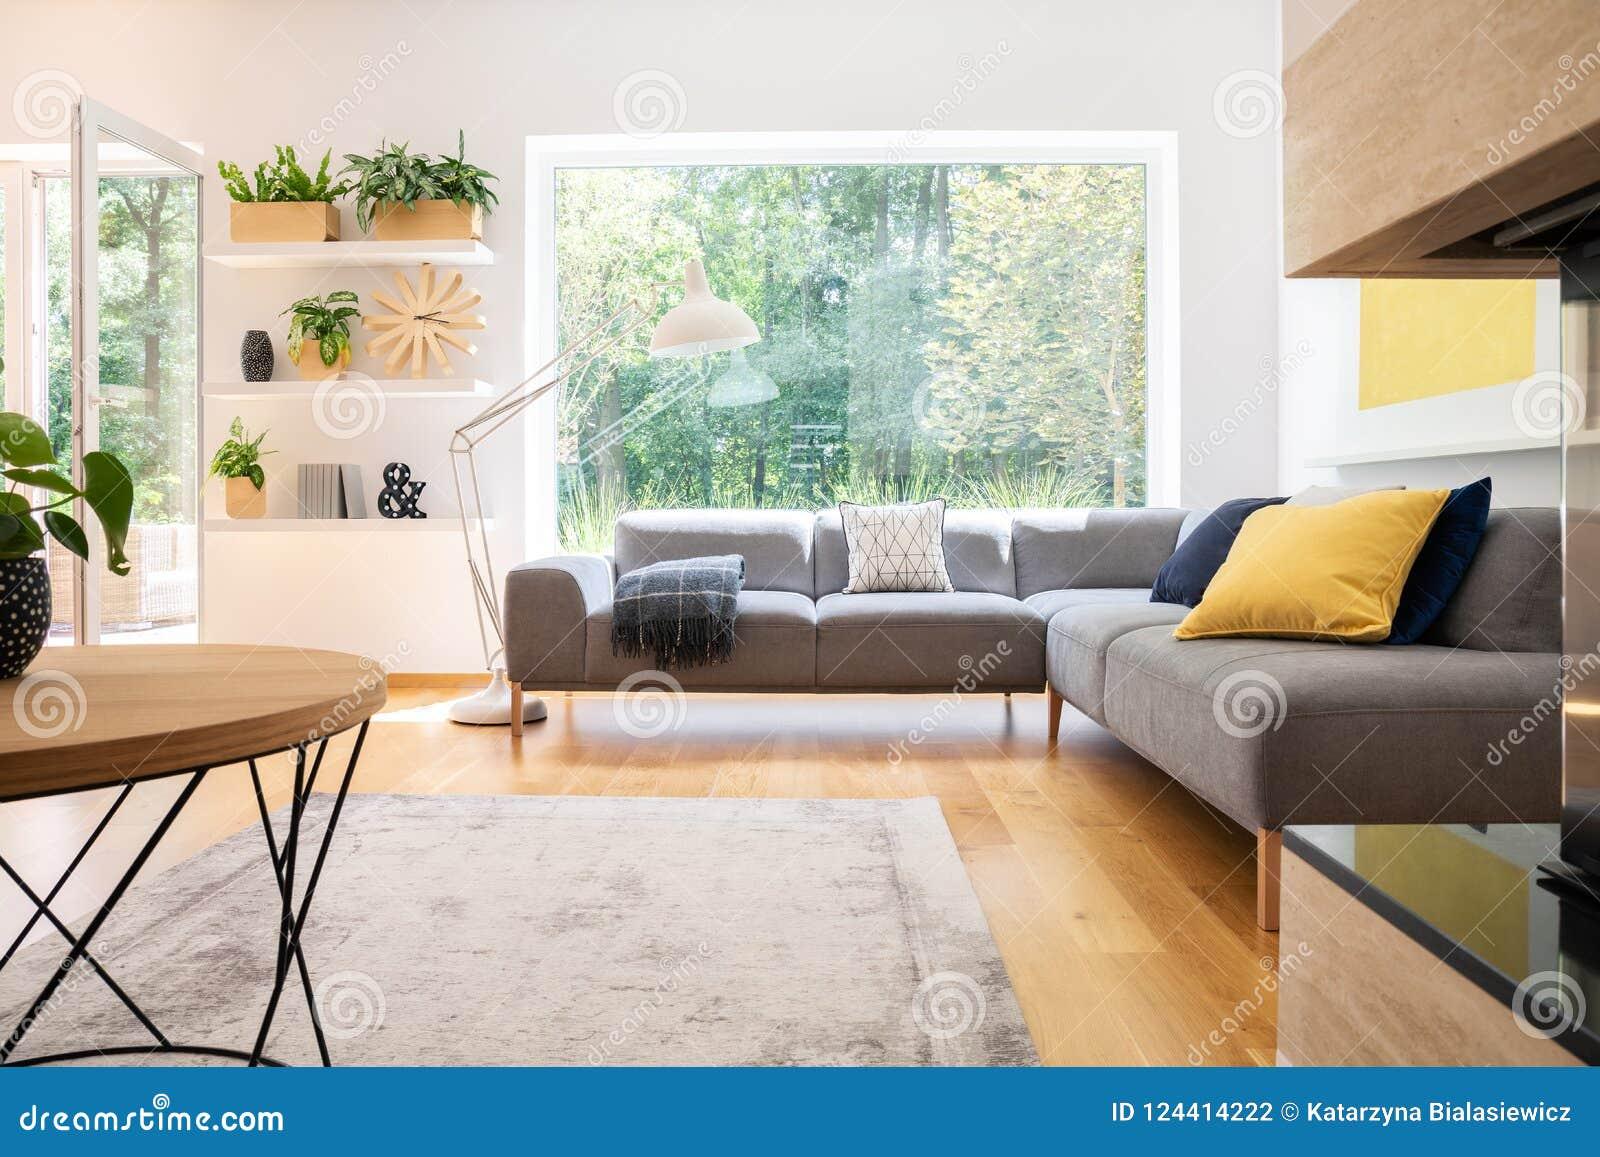 Divan faisant le coin gris avec des coussins en vraie photo de l intérieur blanc de salon avec la fenêtre, les usines fraîches, l